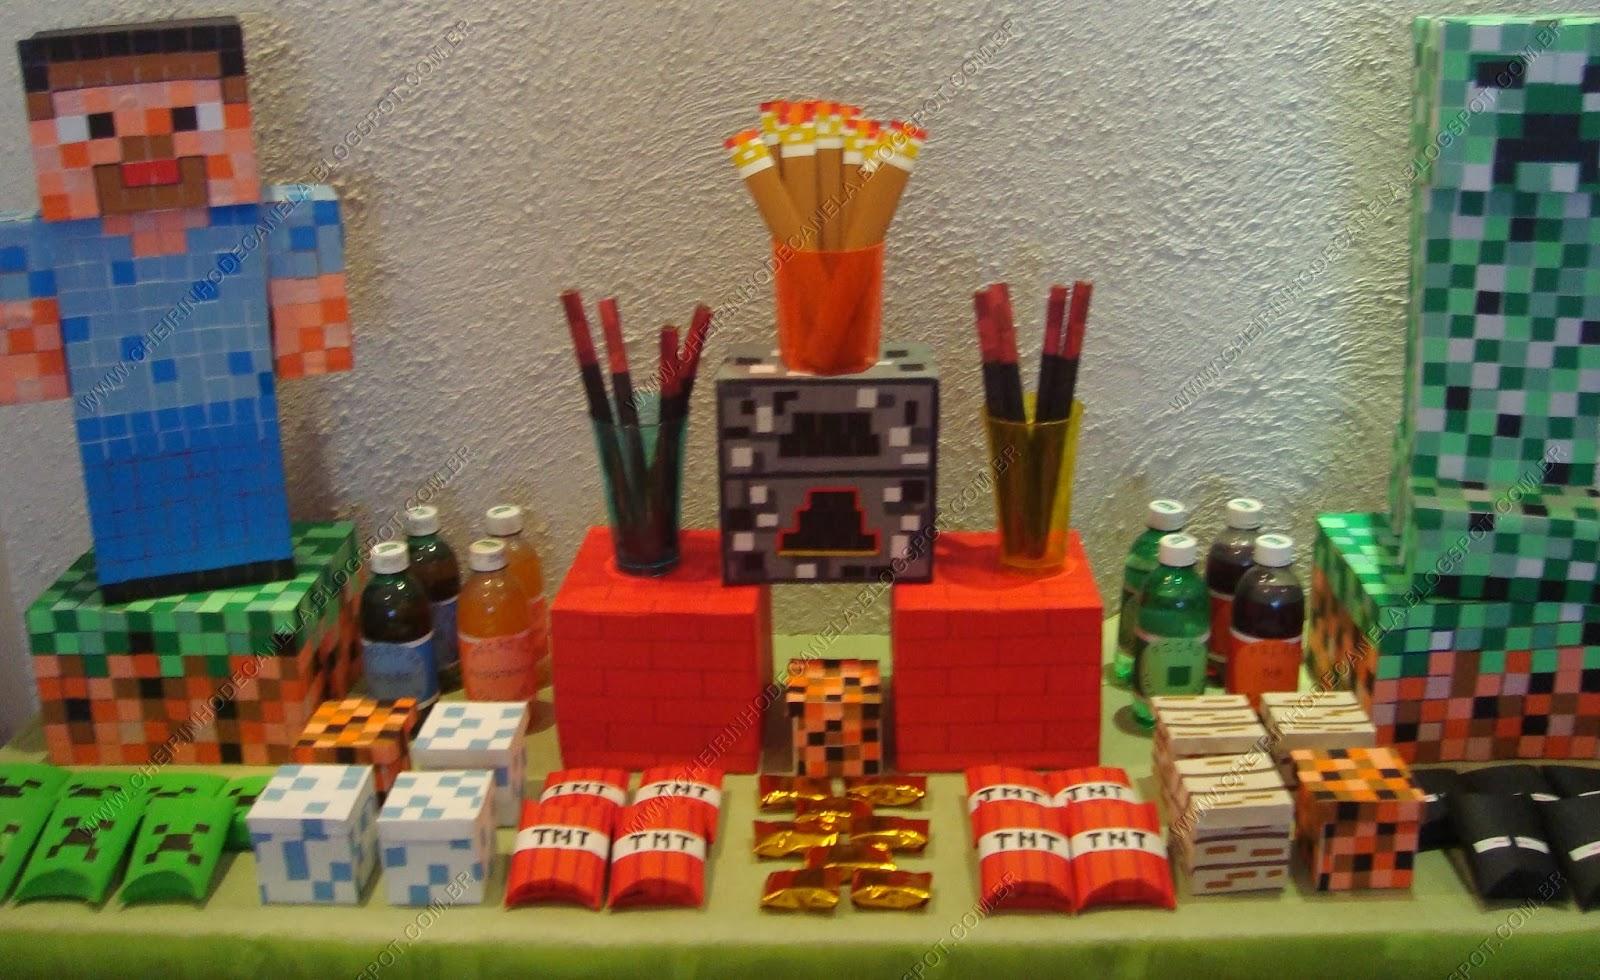 Letras Minegraft Fazendo A Nossa Festa: Cheirinho De Canela